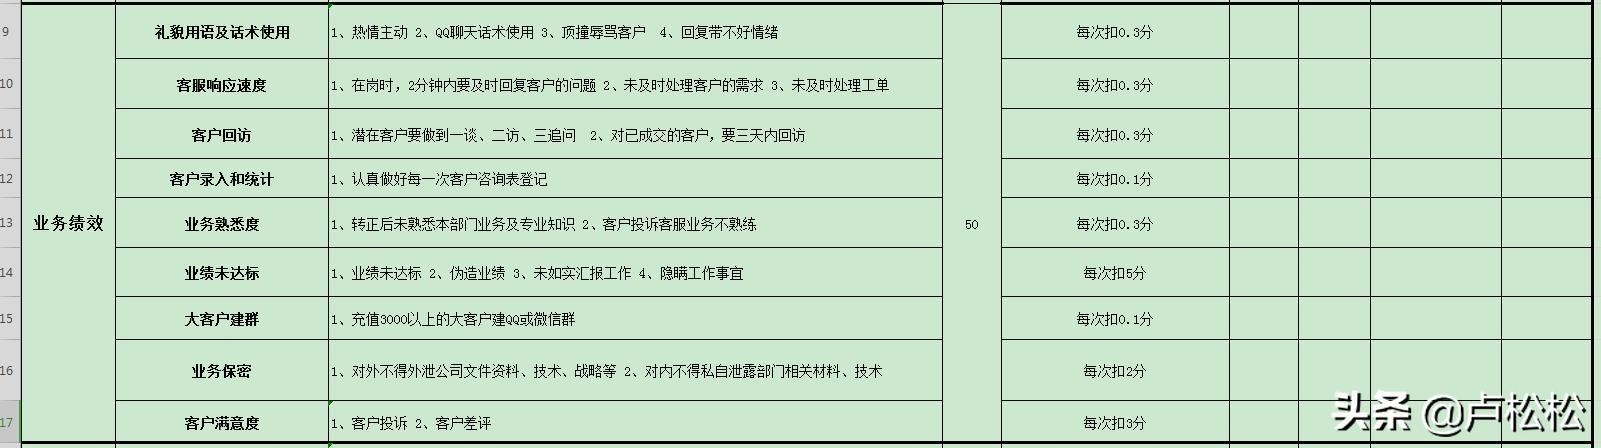 卢松松:松松客服KPI绩效考核表经验分享